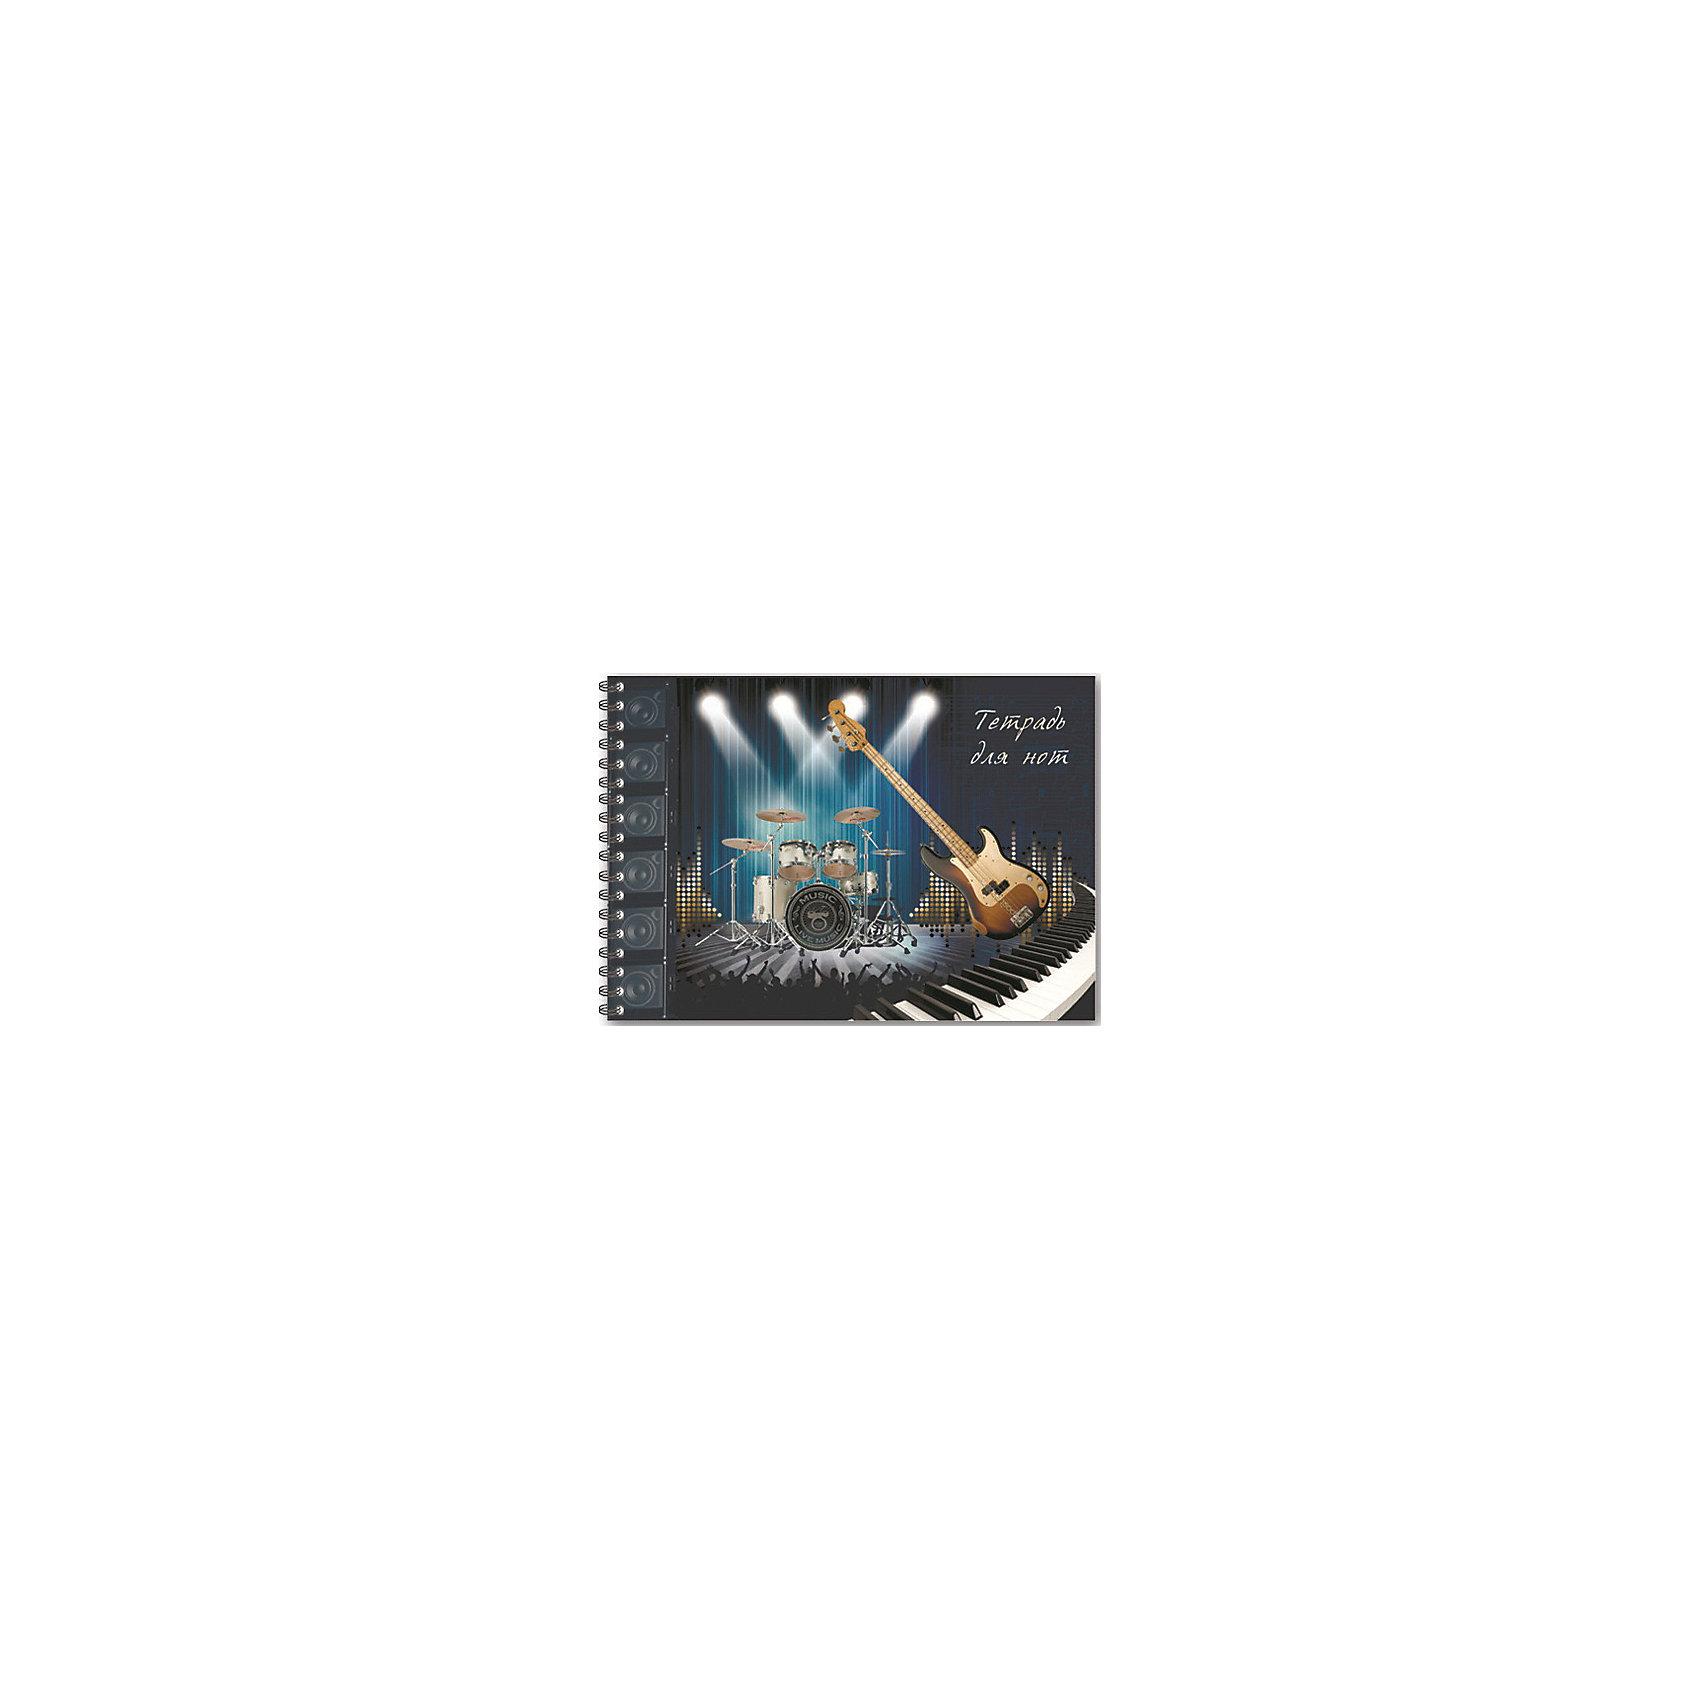 Тетрадь для нот Барабаны и гитараБумажная продукция<br>Тетрадь для нот в яркой, привлекательной обложке обязательно порадует юного музыканта. Тетрадь имеет плотные белые листы, обложку из мелованного картона и удобный формат. Работать в ней - одно удовольствие!<br><br>Дополнительная информация:<br><br>- Формат: А4.<br>- Количество листов: 48.<br>- Обложка: мелованный картон. <br>- Крепление: гребень.  <br><br>Тетрадь для нот Барабаны и гитара можно купить в нашем магазине.<br><br>Ширина мм: 300<br>Глубина мм: 210<br>Высота мм: 5<br>Вес г: 235<br>Возраст от месяцев: 72<br>Возраст до месяцев: 168<br>Пол: Унисекс<br>Возраст: Детский<br>SKU: 4821662